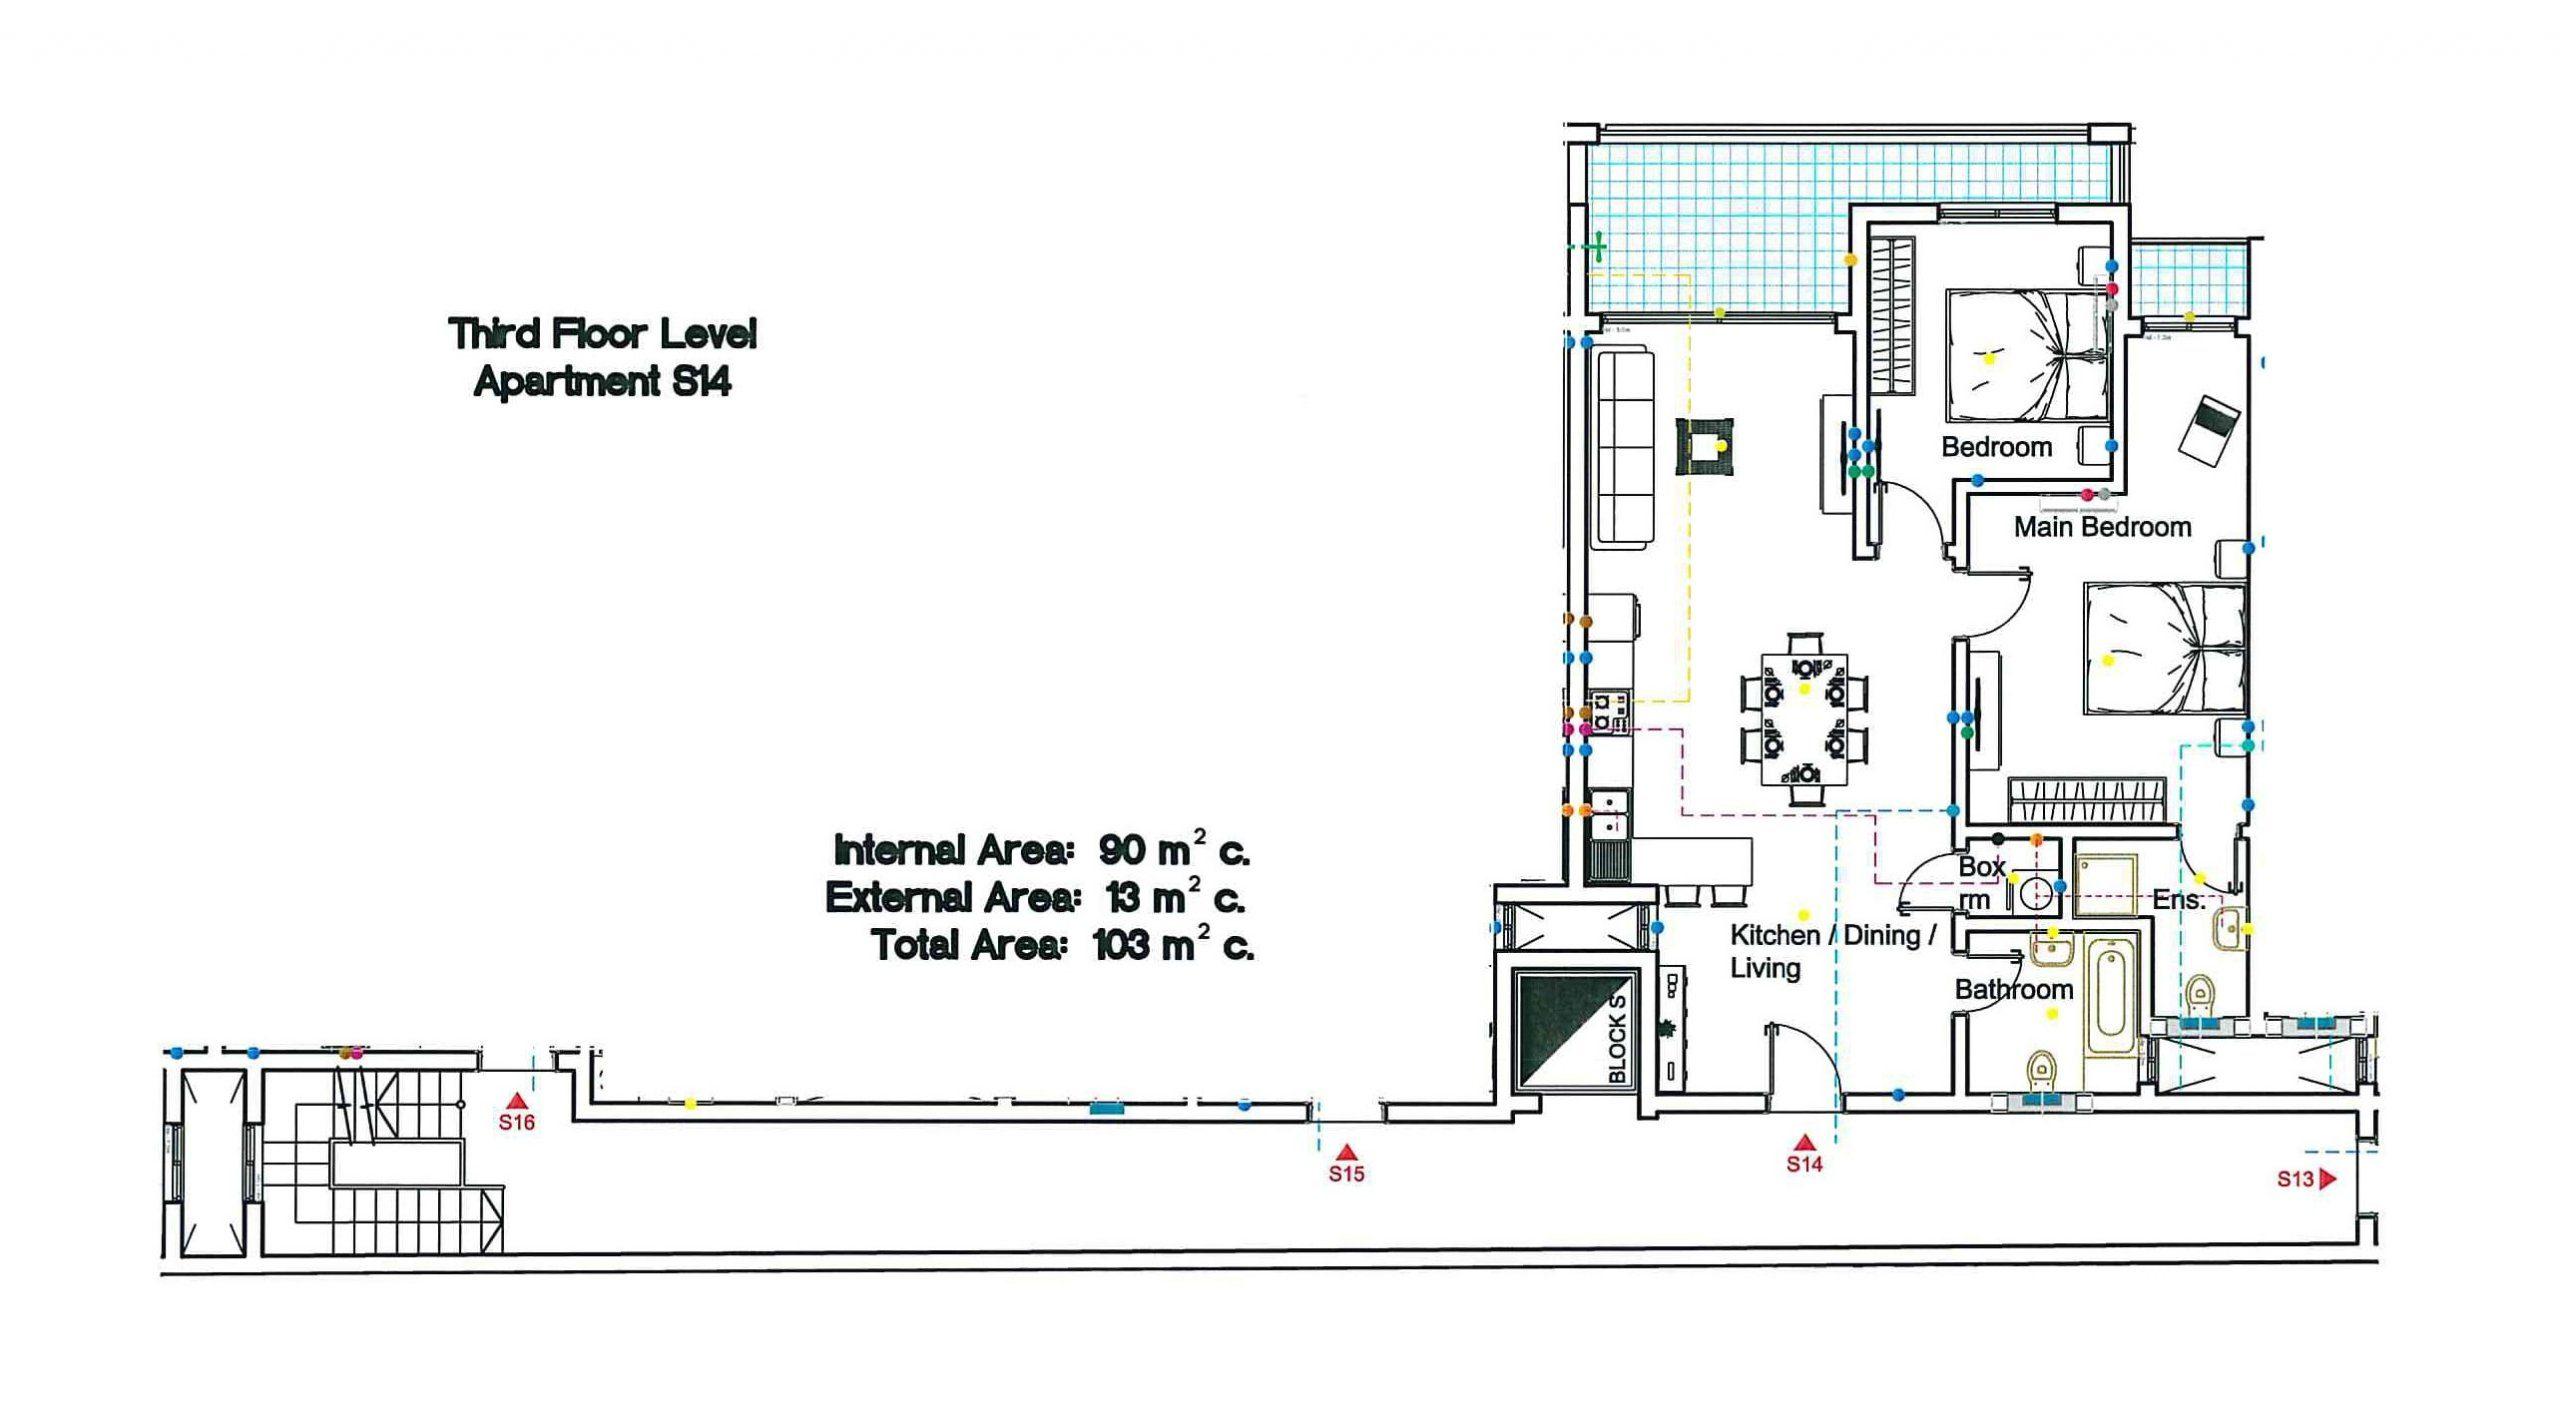 S14 Third Floor